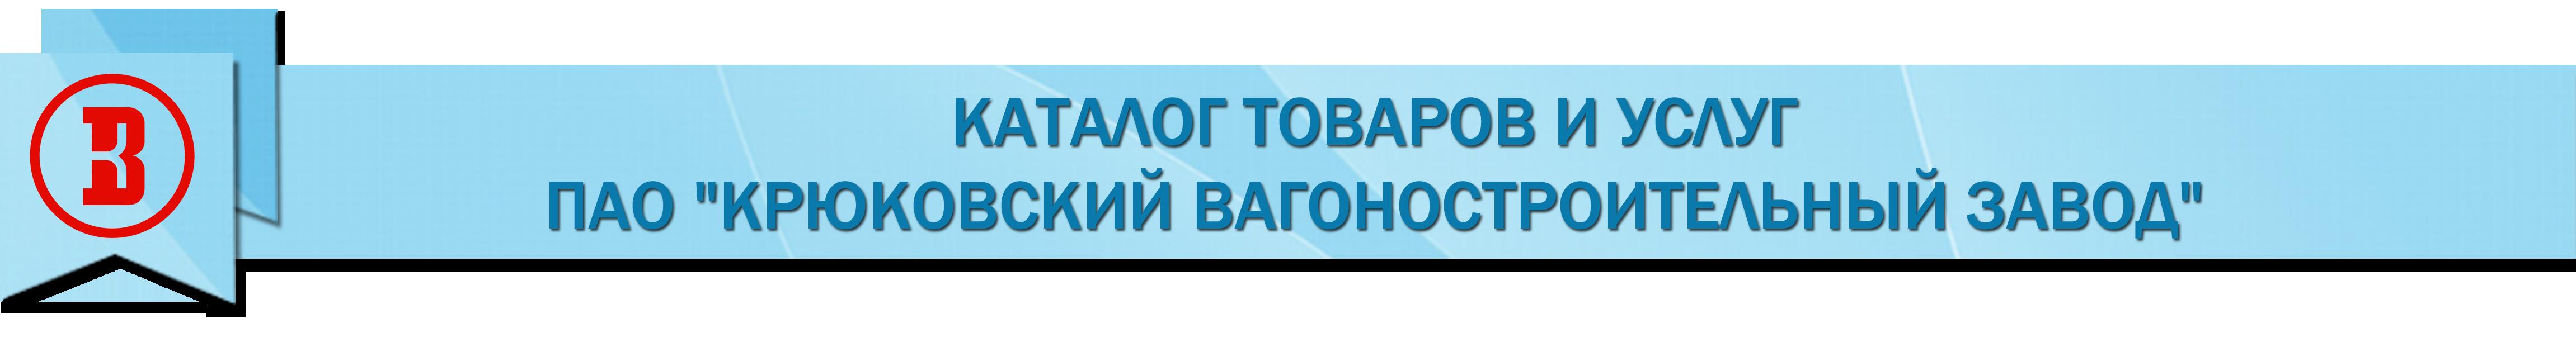 Интернет-магазин ПАО